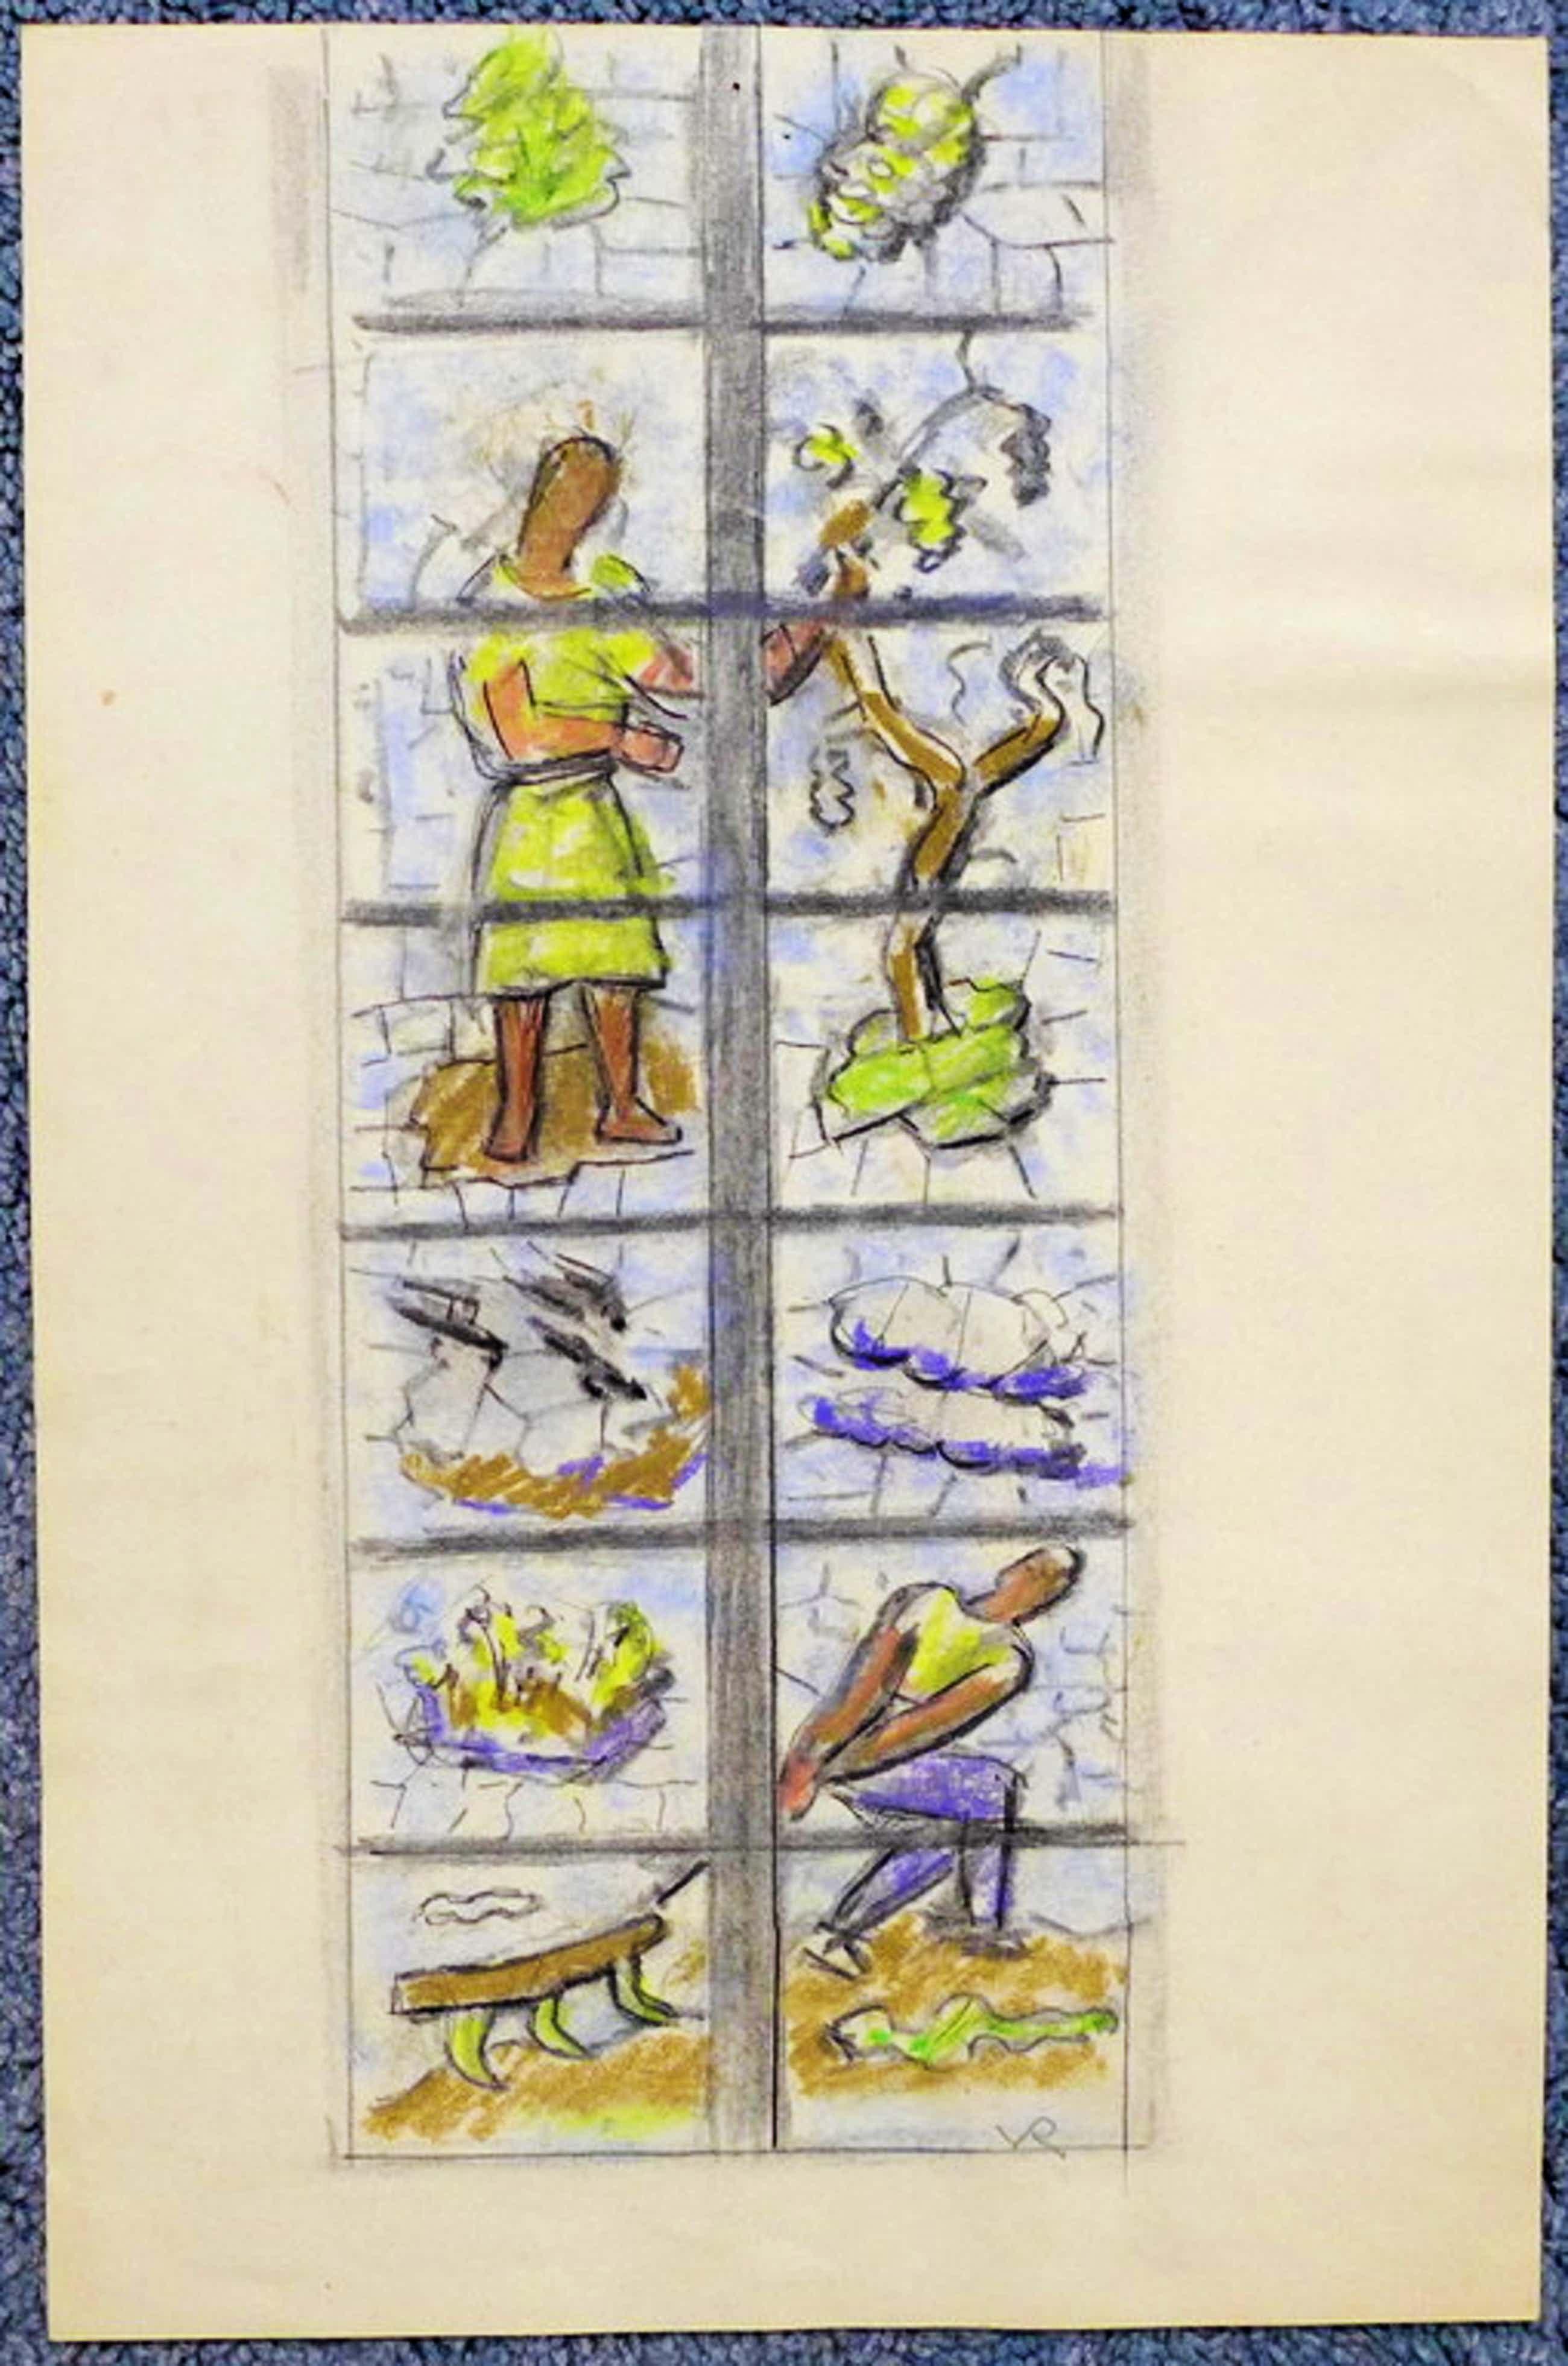 Otto van Rees, tekening/aquarel  gesigneerd rechtsonder VR   kopen? Bied vanaf 50!